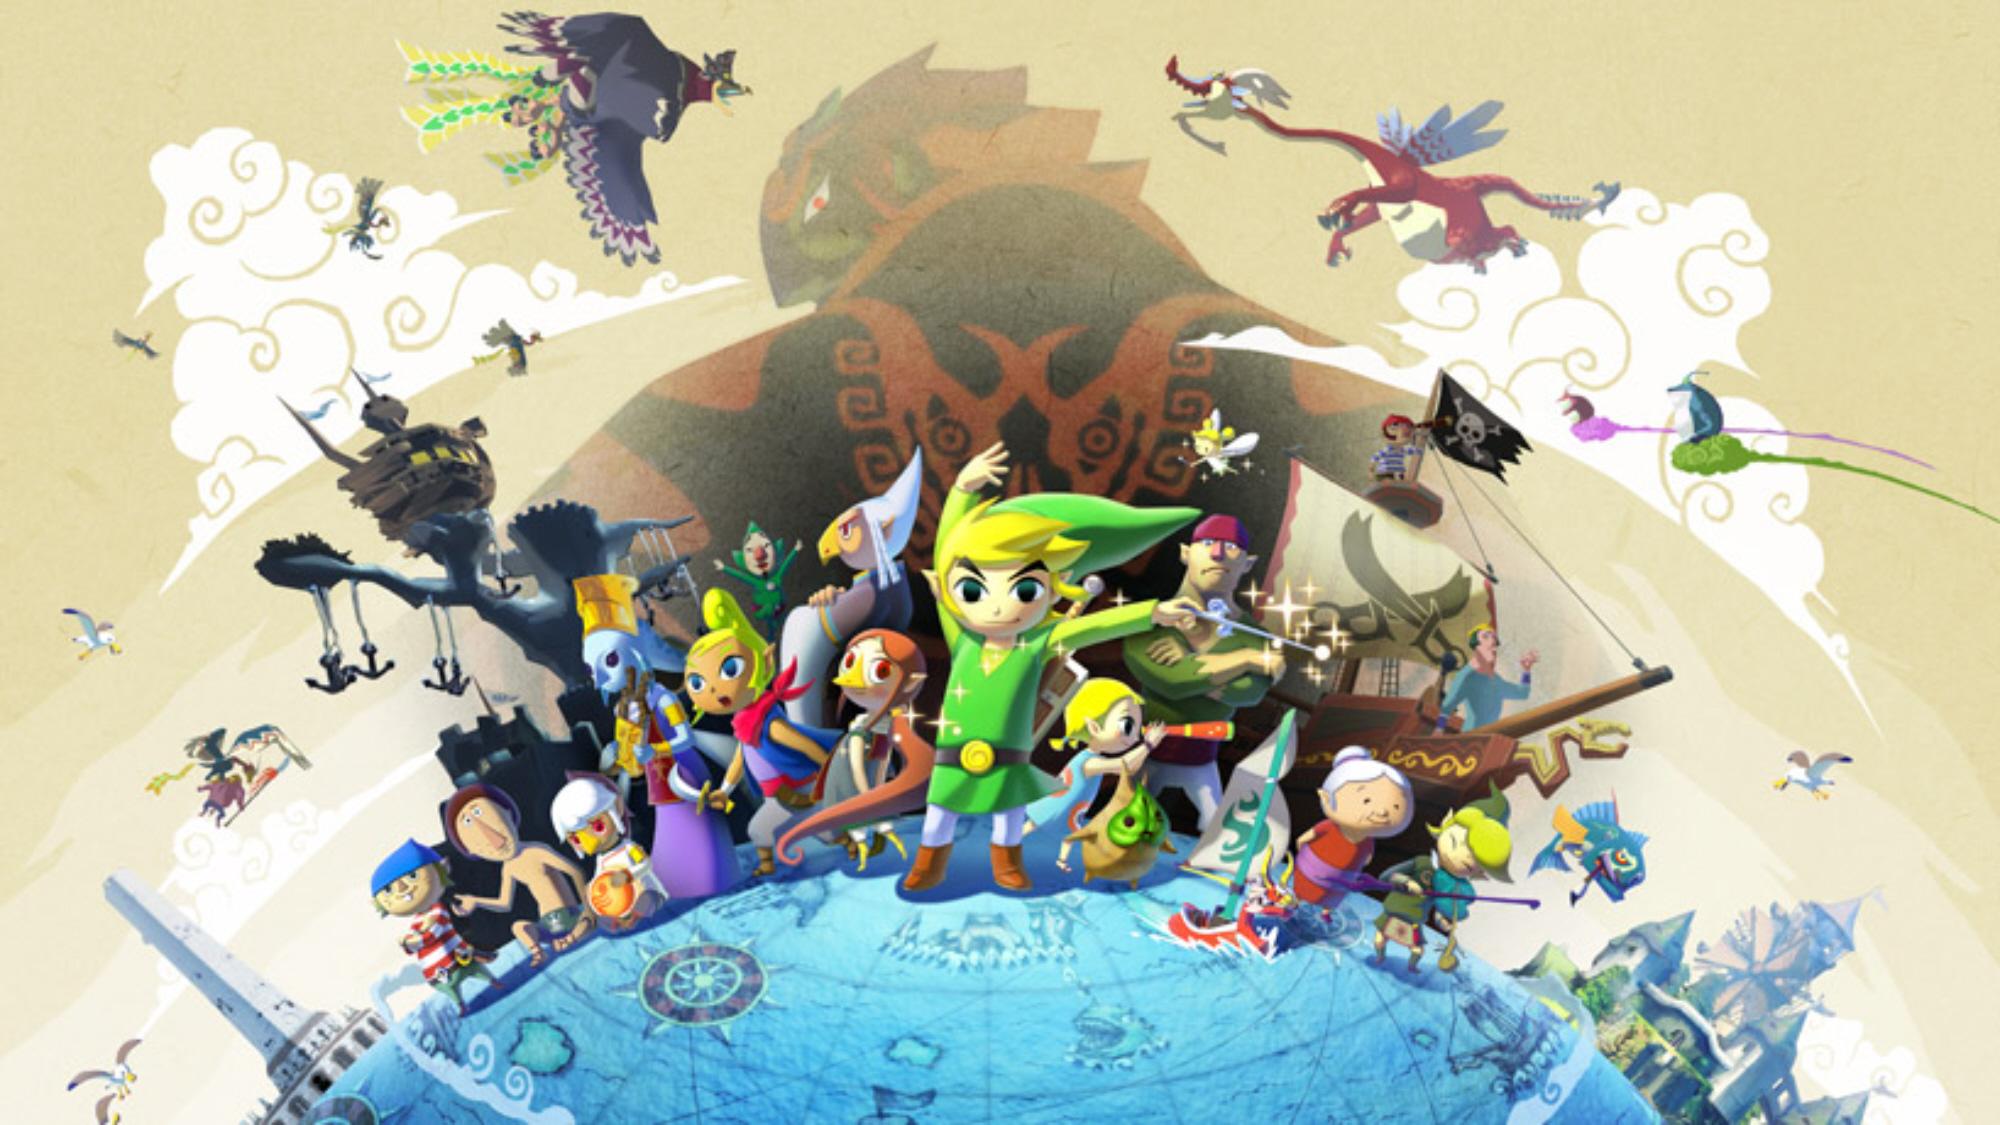 Must see Wallpaper Home Screen Zelda - zelda-wind-waker-hd-wallpaper-ganondorf-and-cast-of-characters  Gallery_229059.jpg